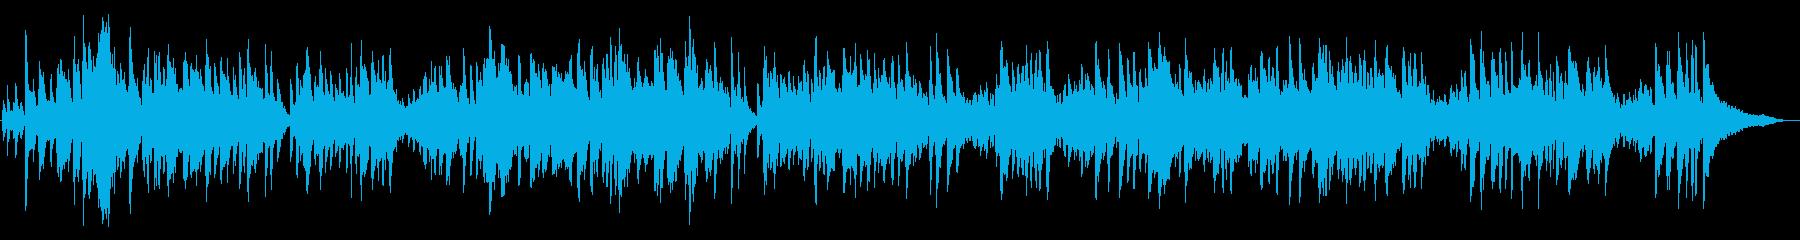 ピアノソロ~明るいファストスウィング♪の再生済みの波形